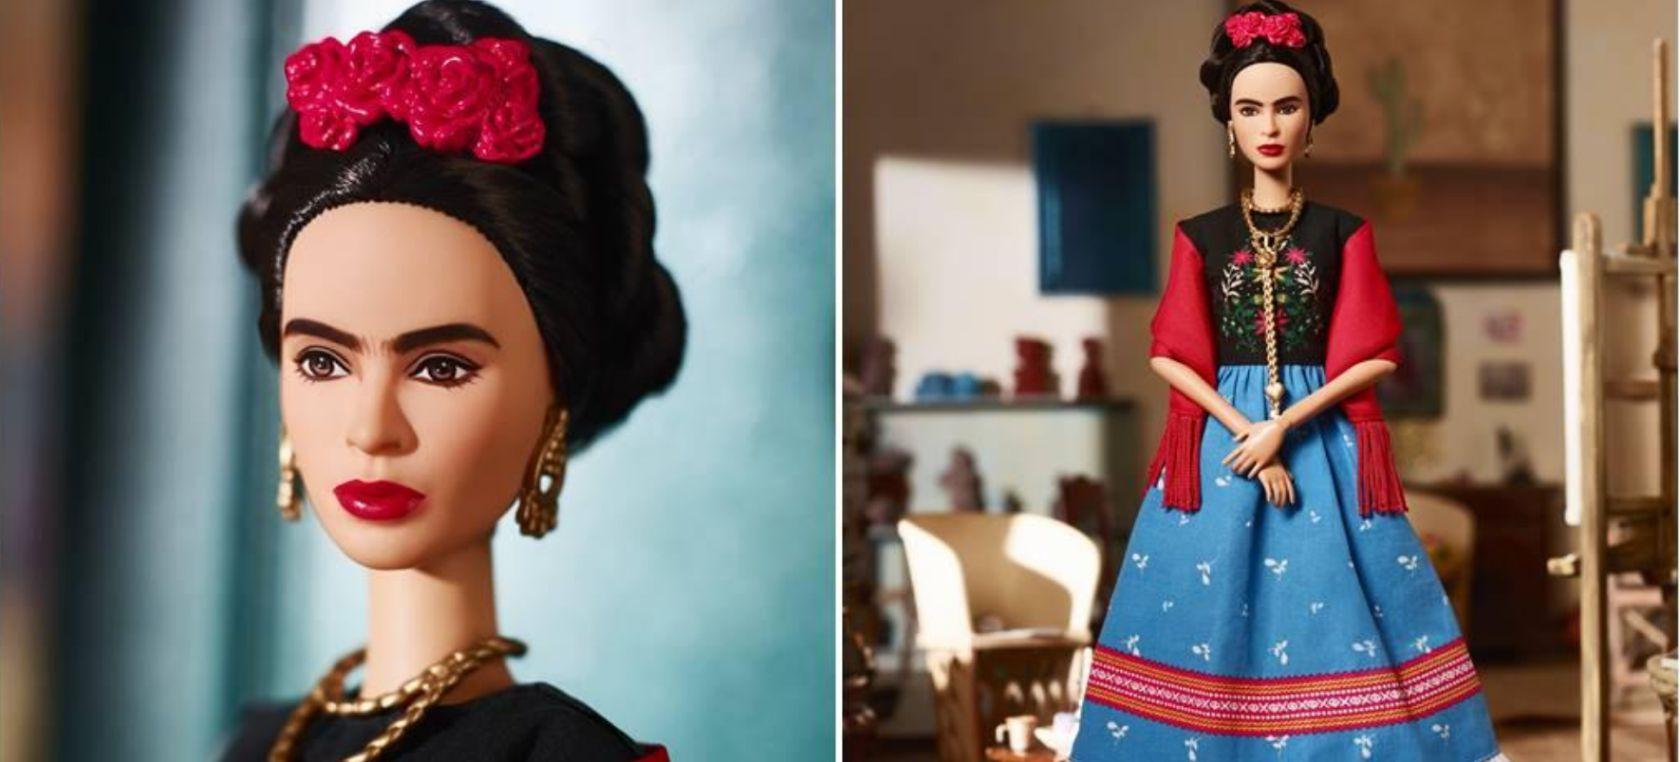 Resultado de imagen para barbie frida kahlo 2018